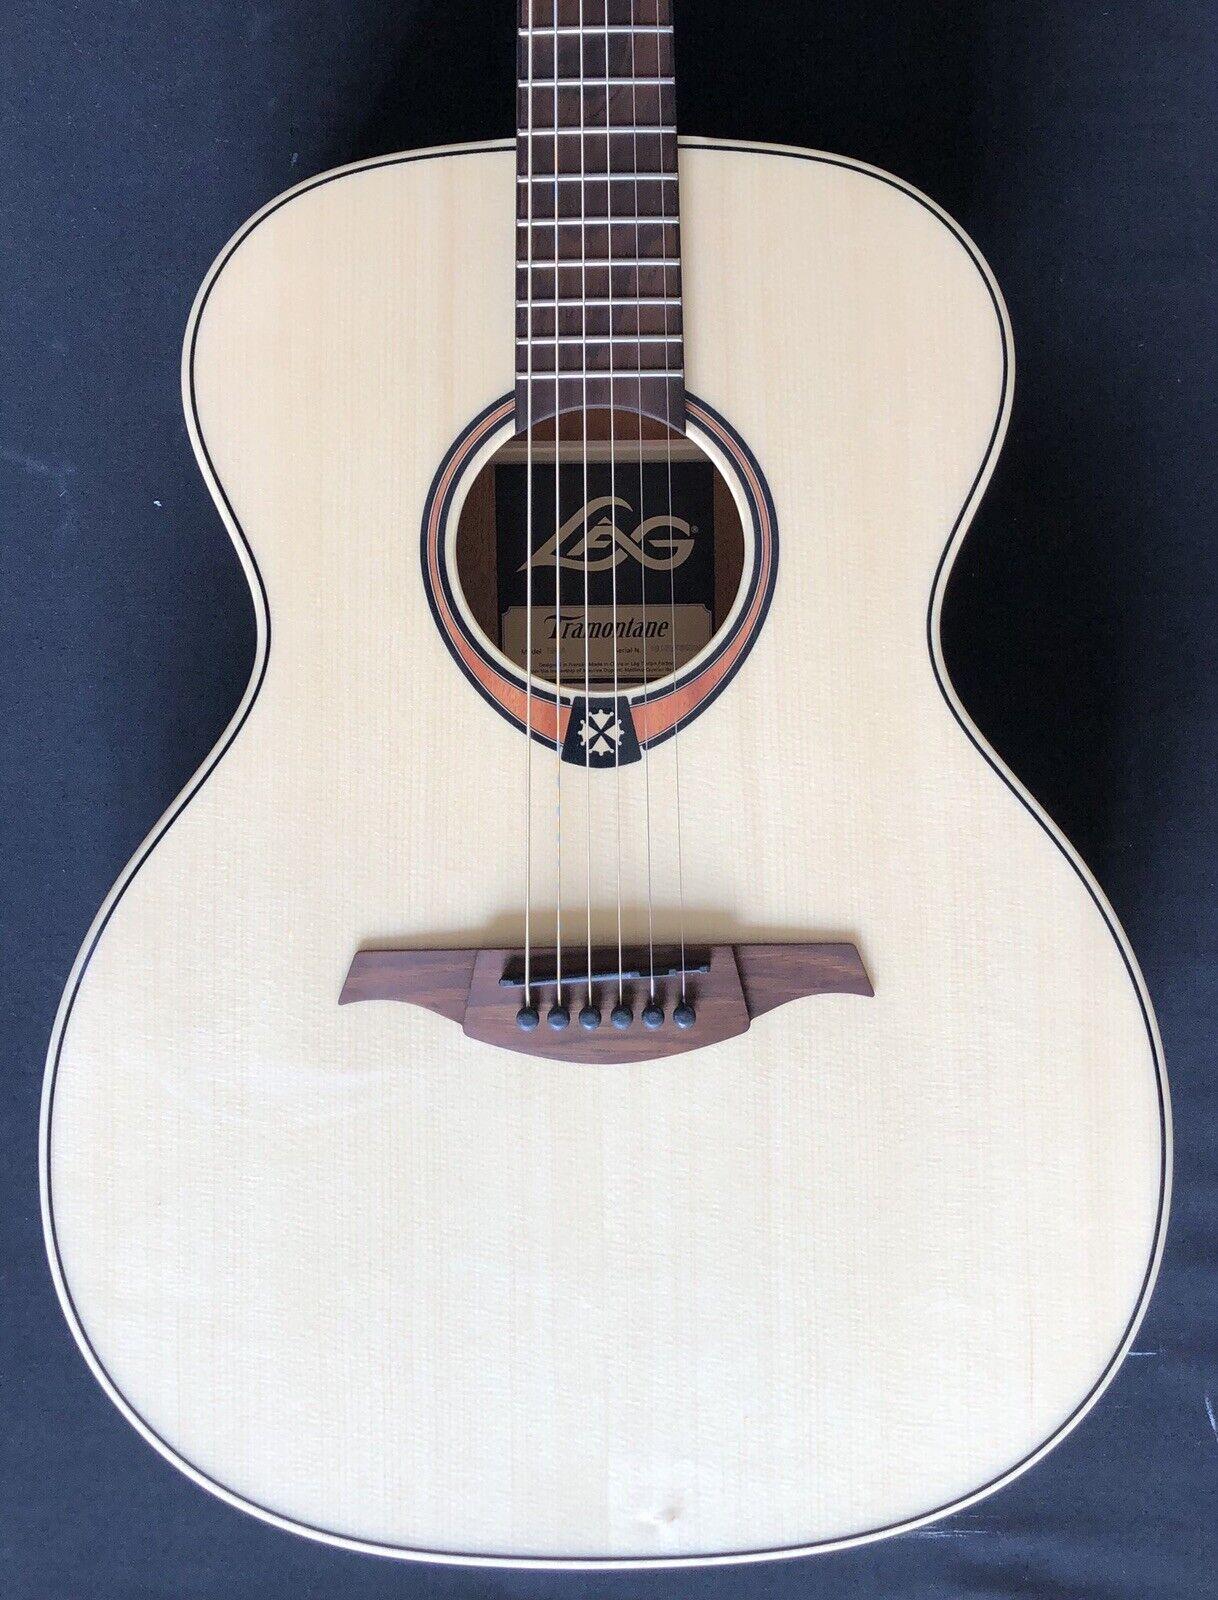 Lag GLA T88A Auditorium Acoustic Guitar